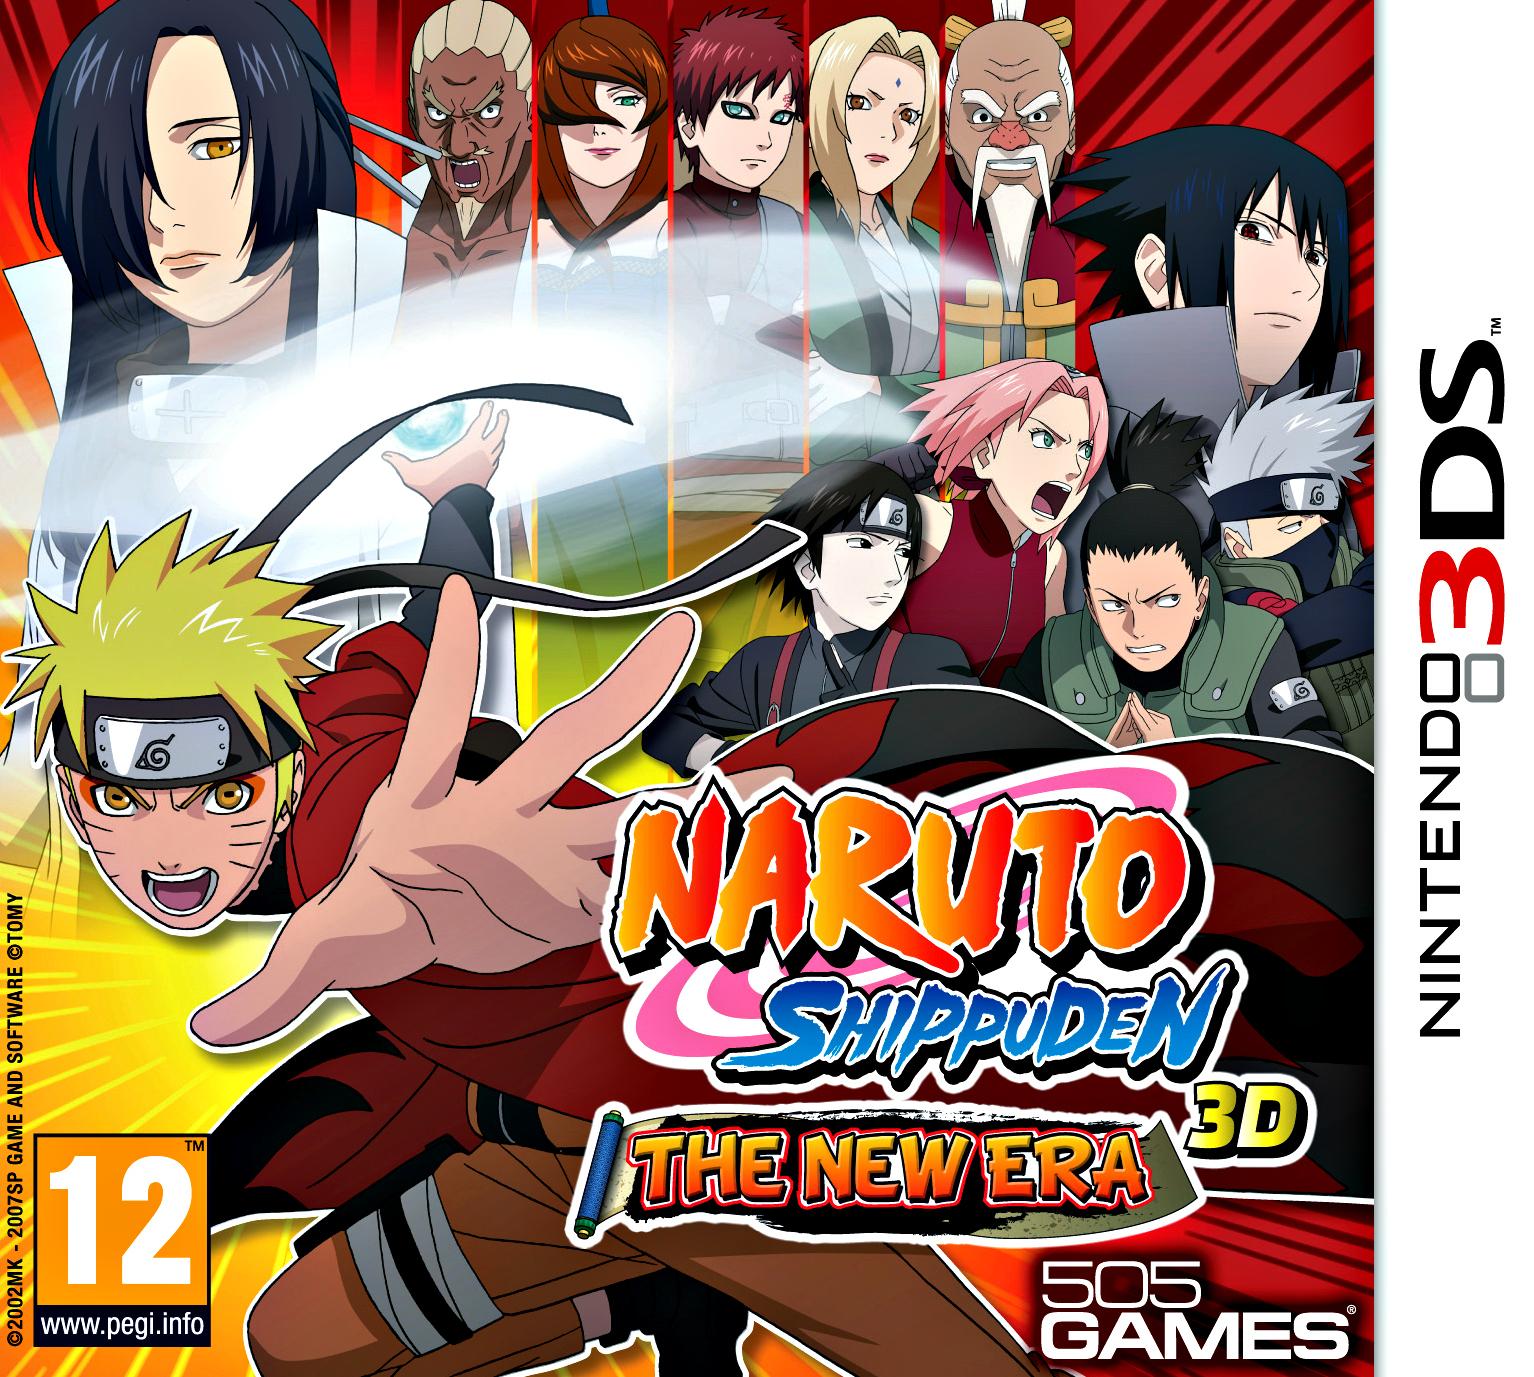 Narutopedia: Naruto Shippūden 3D: The New Era